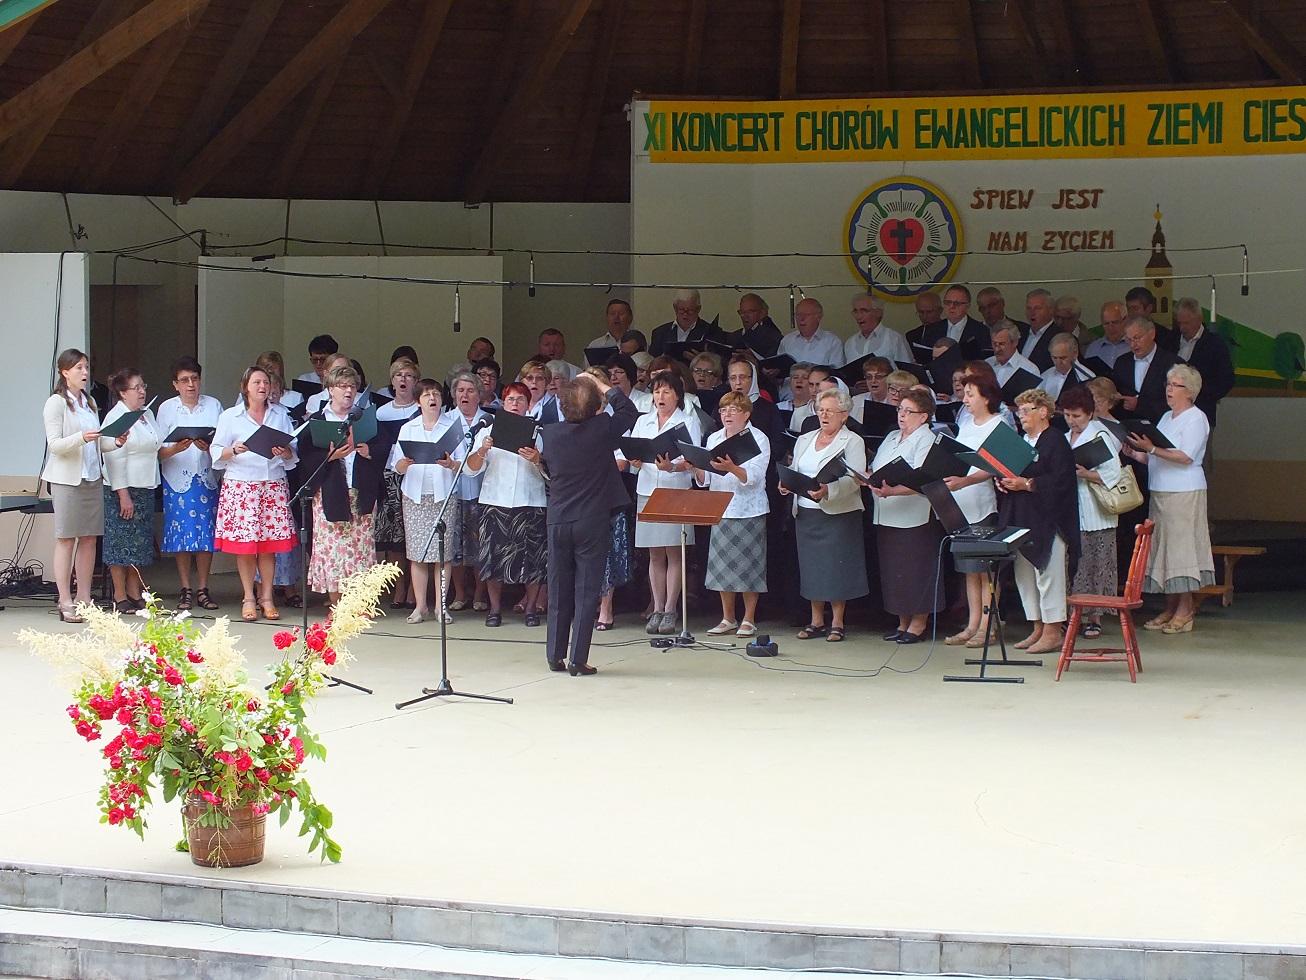 Międzynarodowy Koncert Ewangelickich Chórów Ziemi Cieszyńskiej 20.06.2015